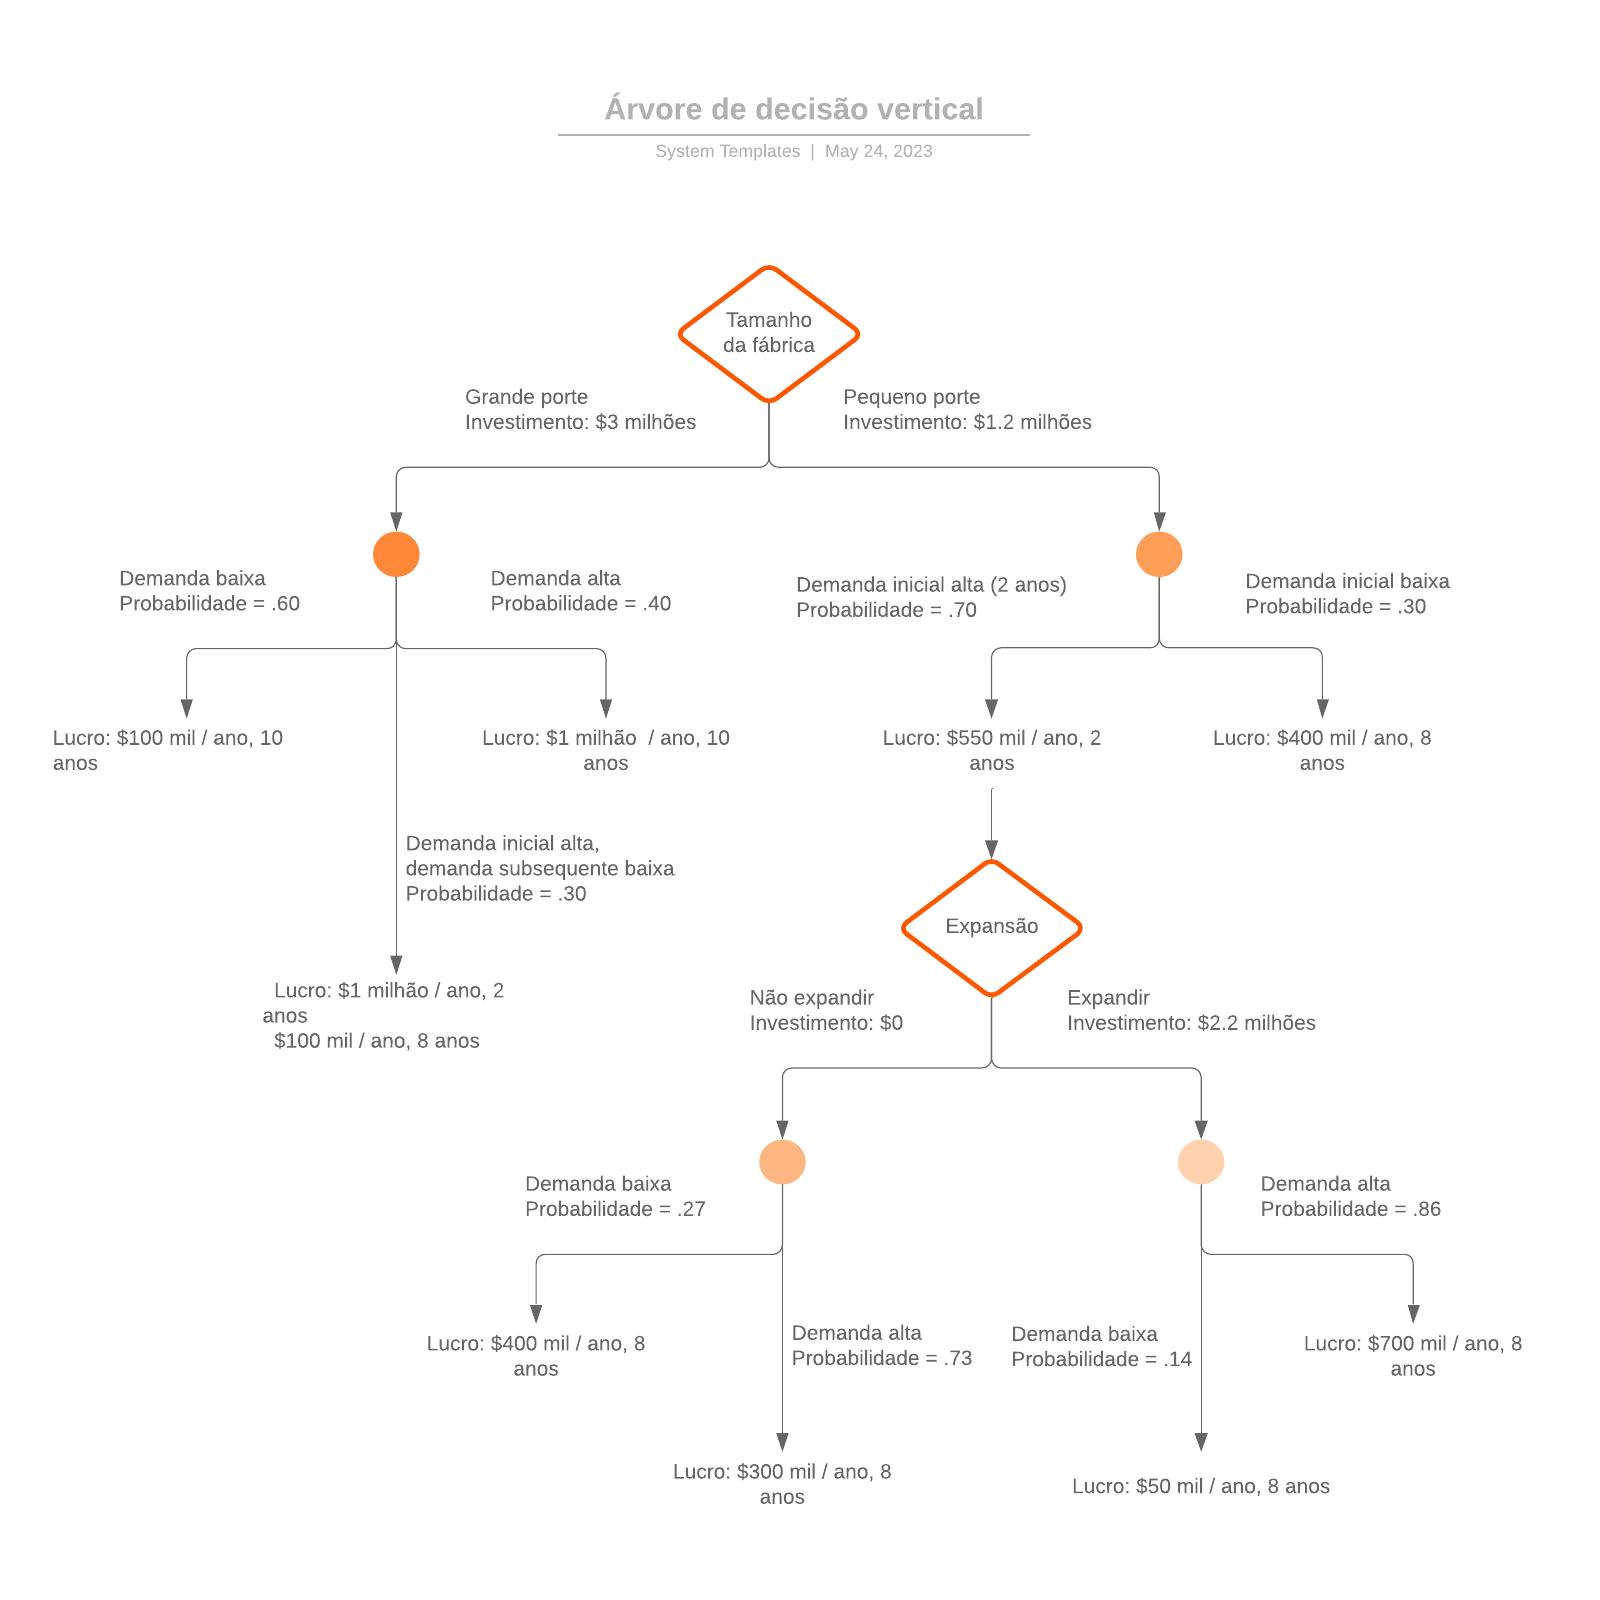 Árvore de decisão vertical